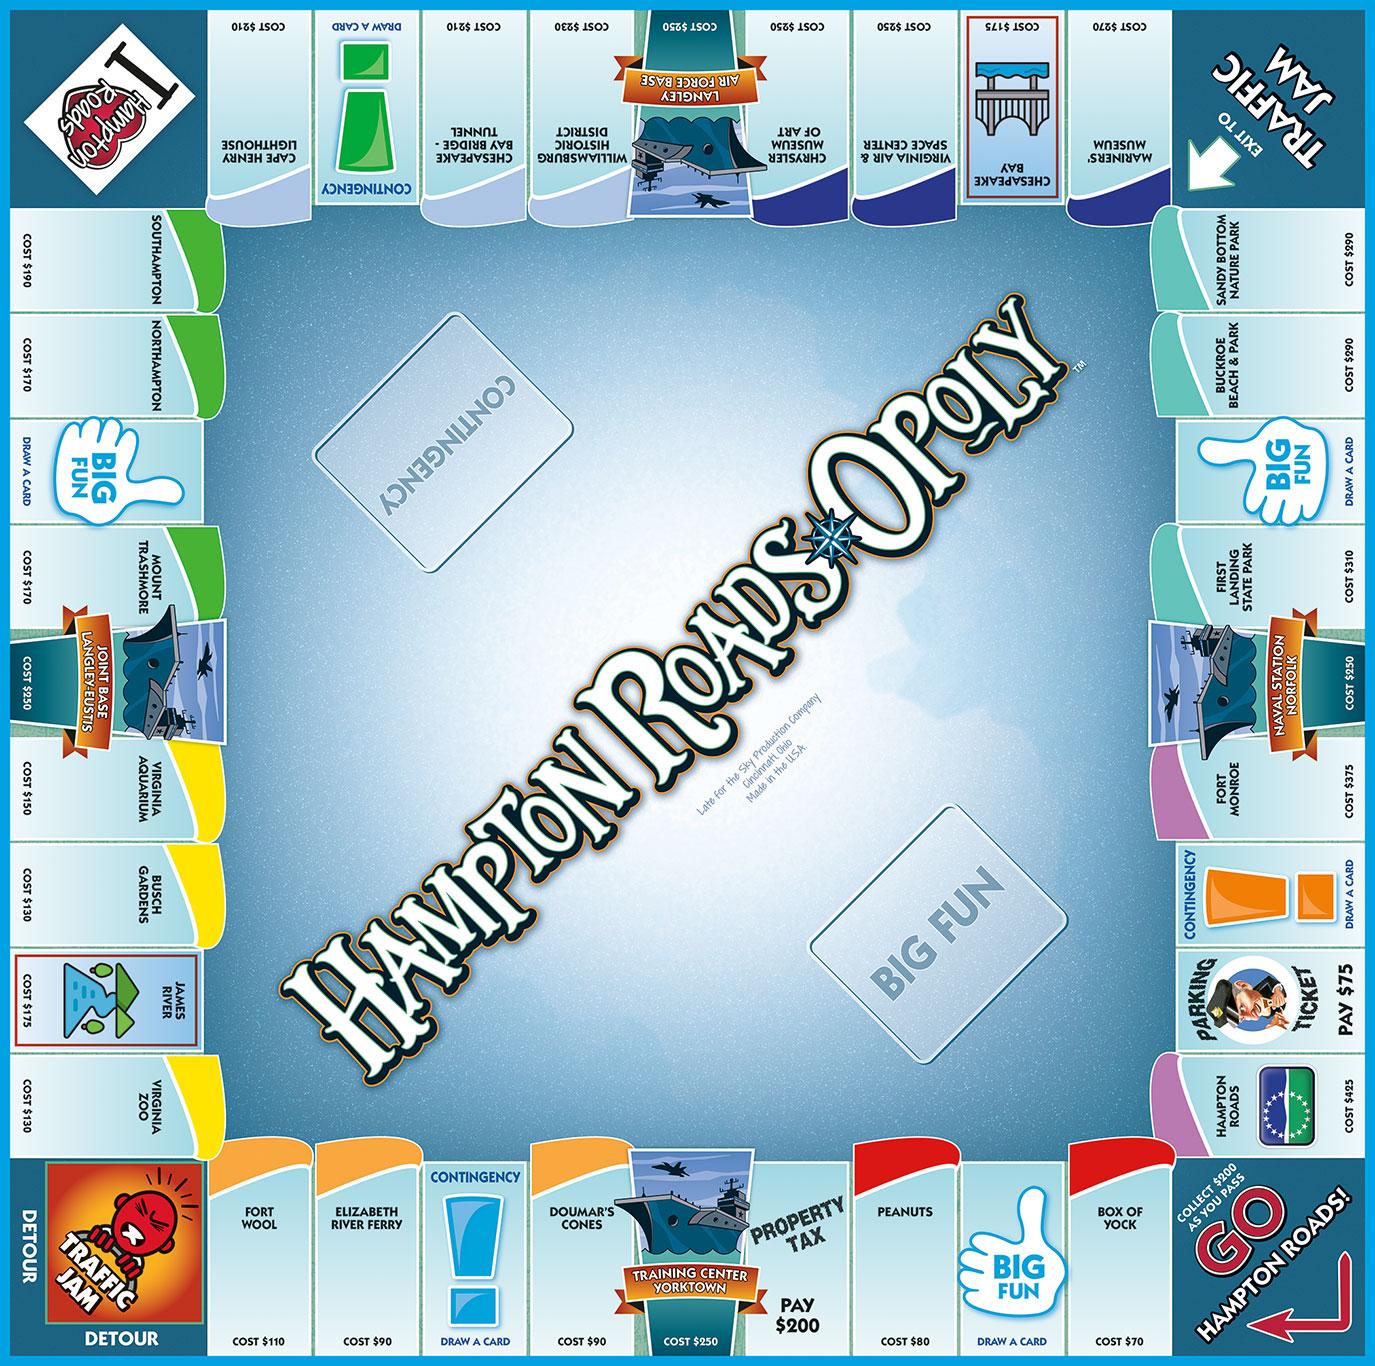 HAMPTON ROADS-OPOLY Board Game